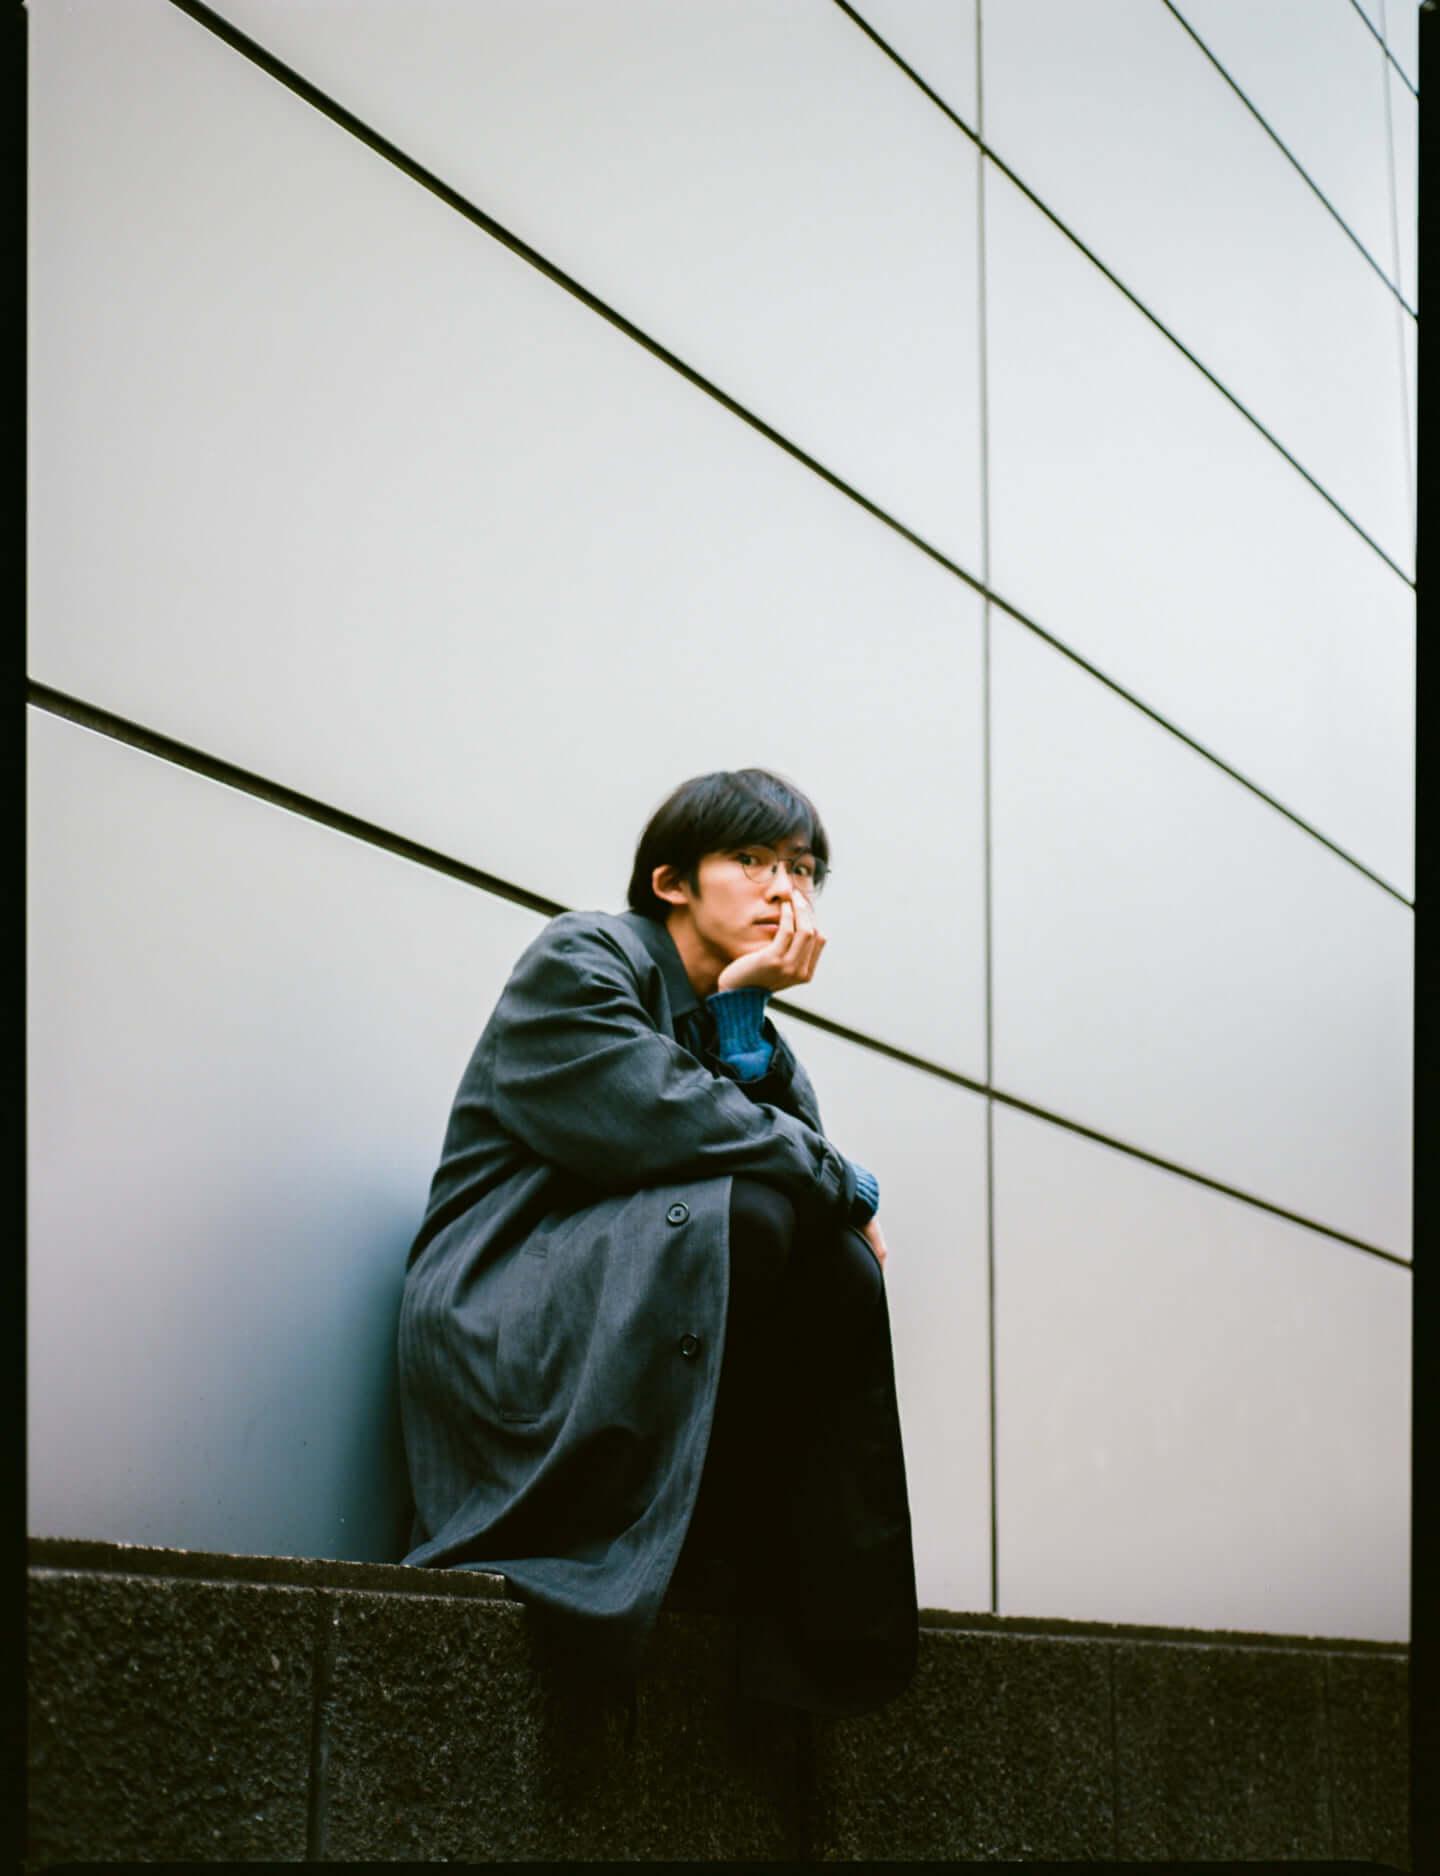 対談:水野蒼生 × 君島大空|現代の音楽家が180年前の楽曲を再構築した先にあった奇跡の巡り合わせ interview210405_mizuno-kimishima-03-1440x1876